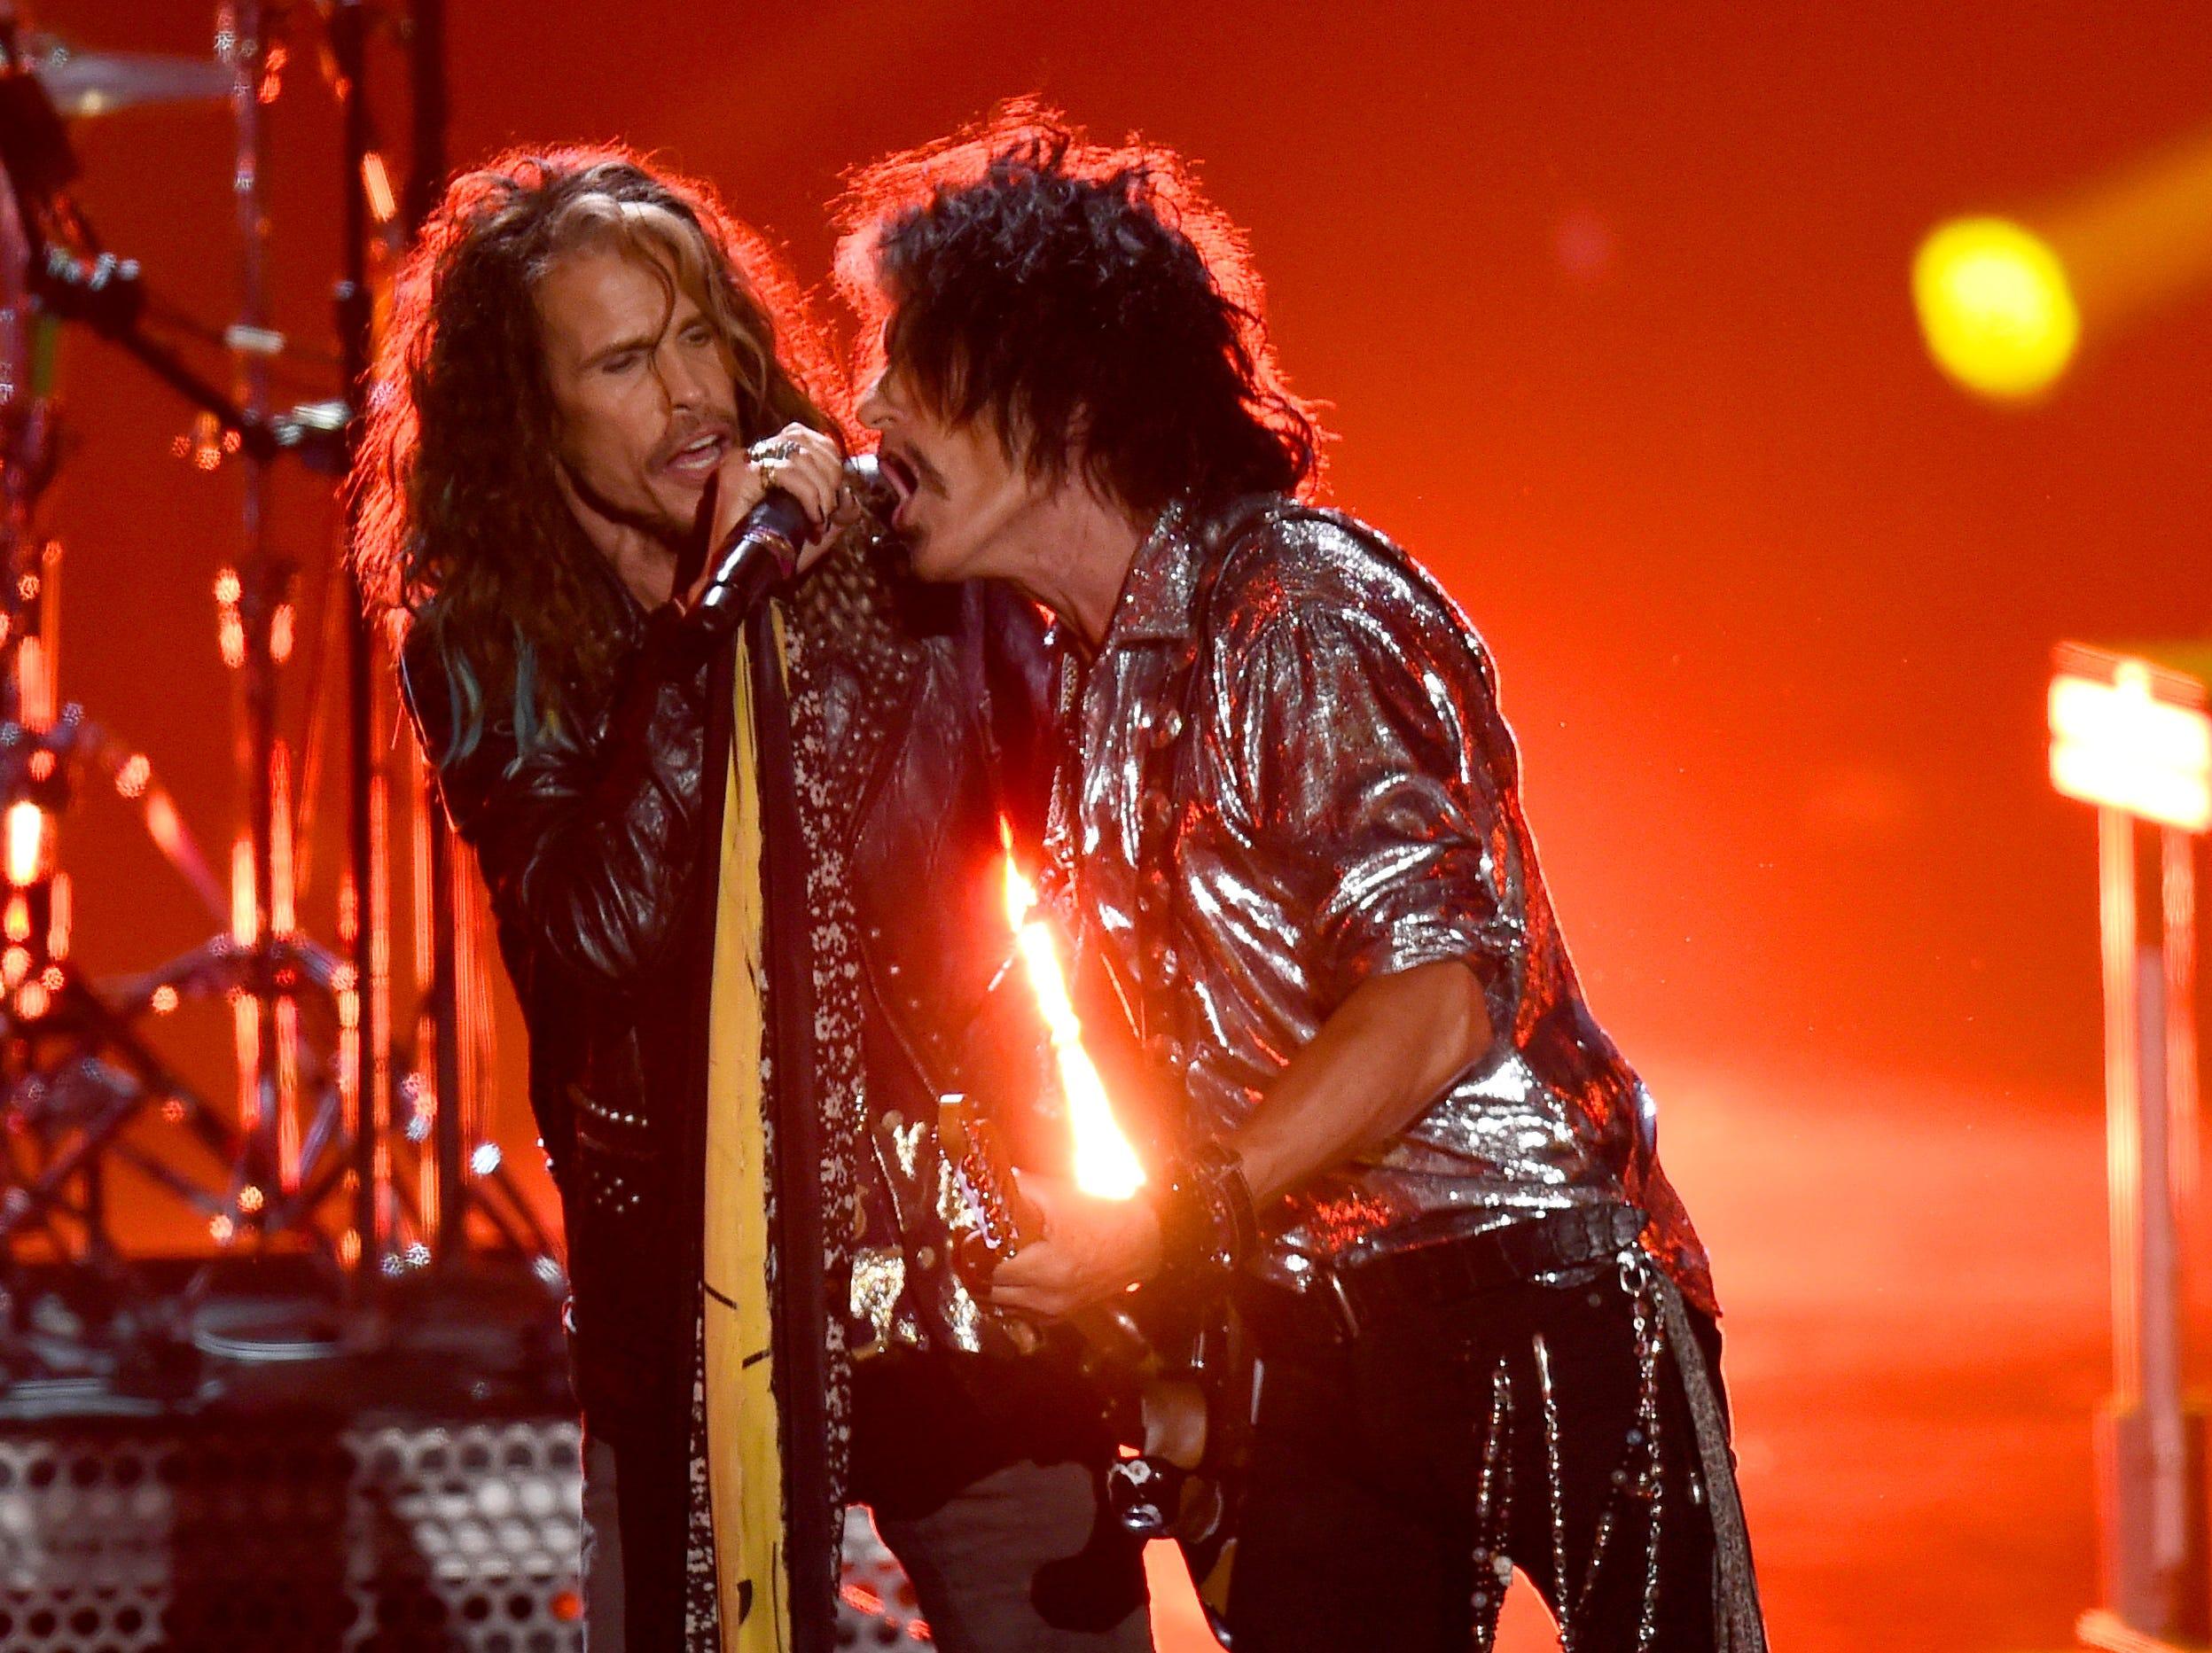 Steven Tyler y Joe Perry de Aerosmith se presentan en el escenario con Post Malone durante los MTV Video Music Awards 2018 en el Radio City Music Hall el 20 de agosto de 2018 en la ciudad de Nueva York.